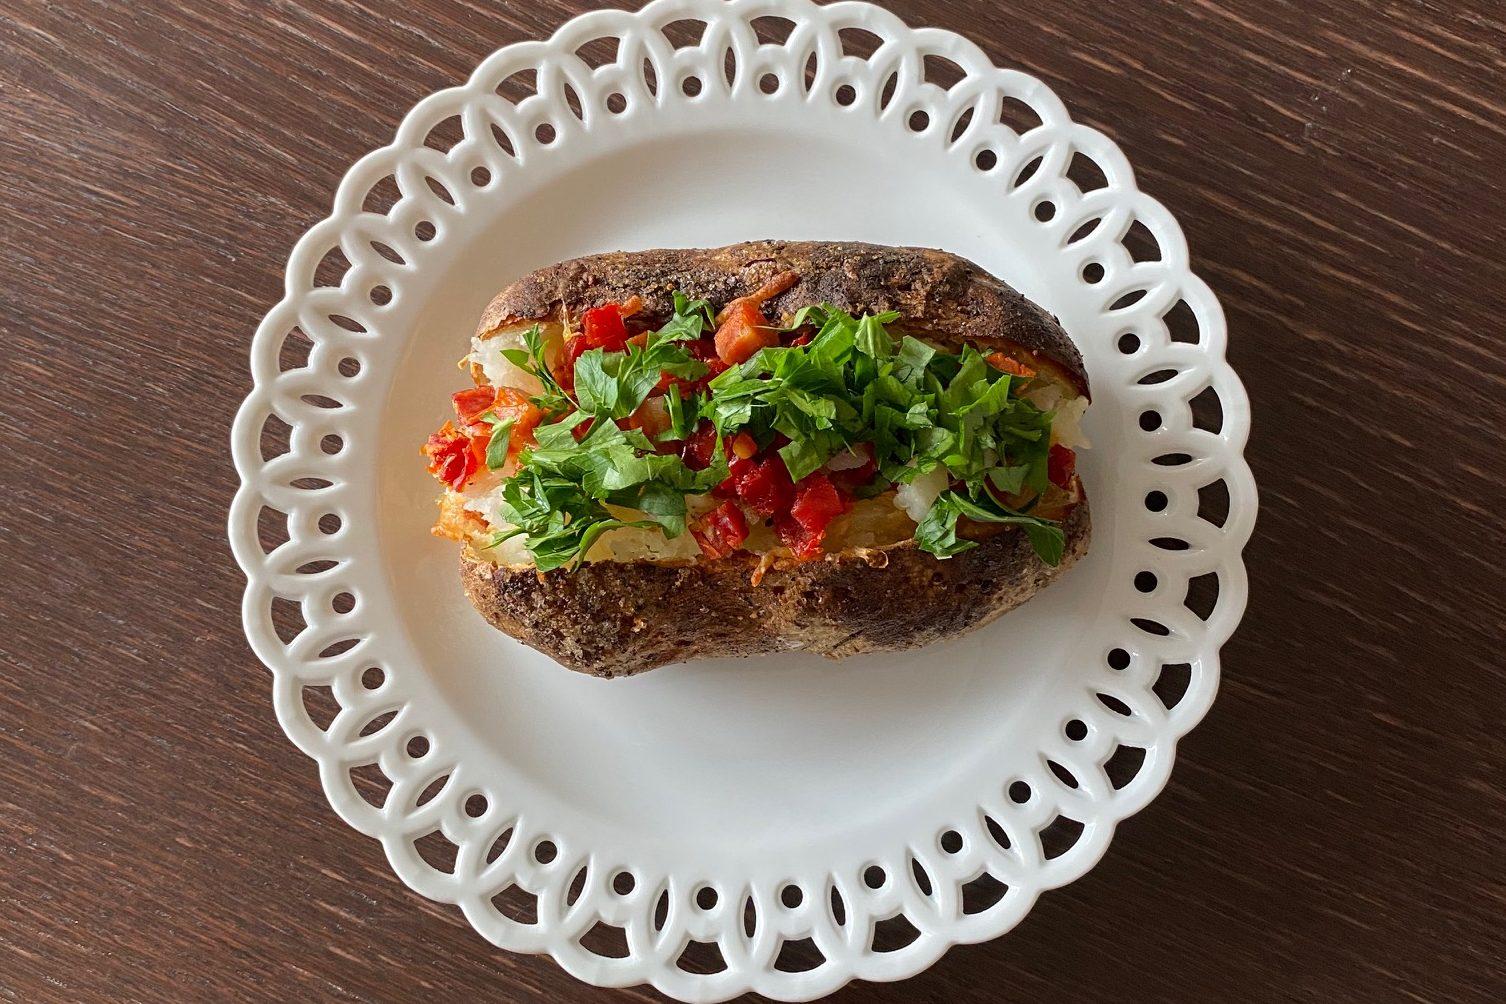 リコピンは生の4倍! サンドライドトマトは、味・栄養・見栄え・使い勝手すべて良し!